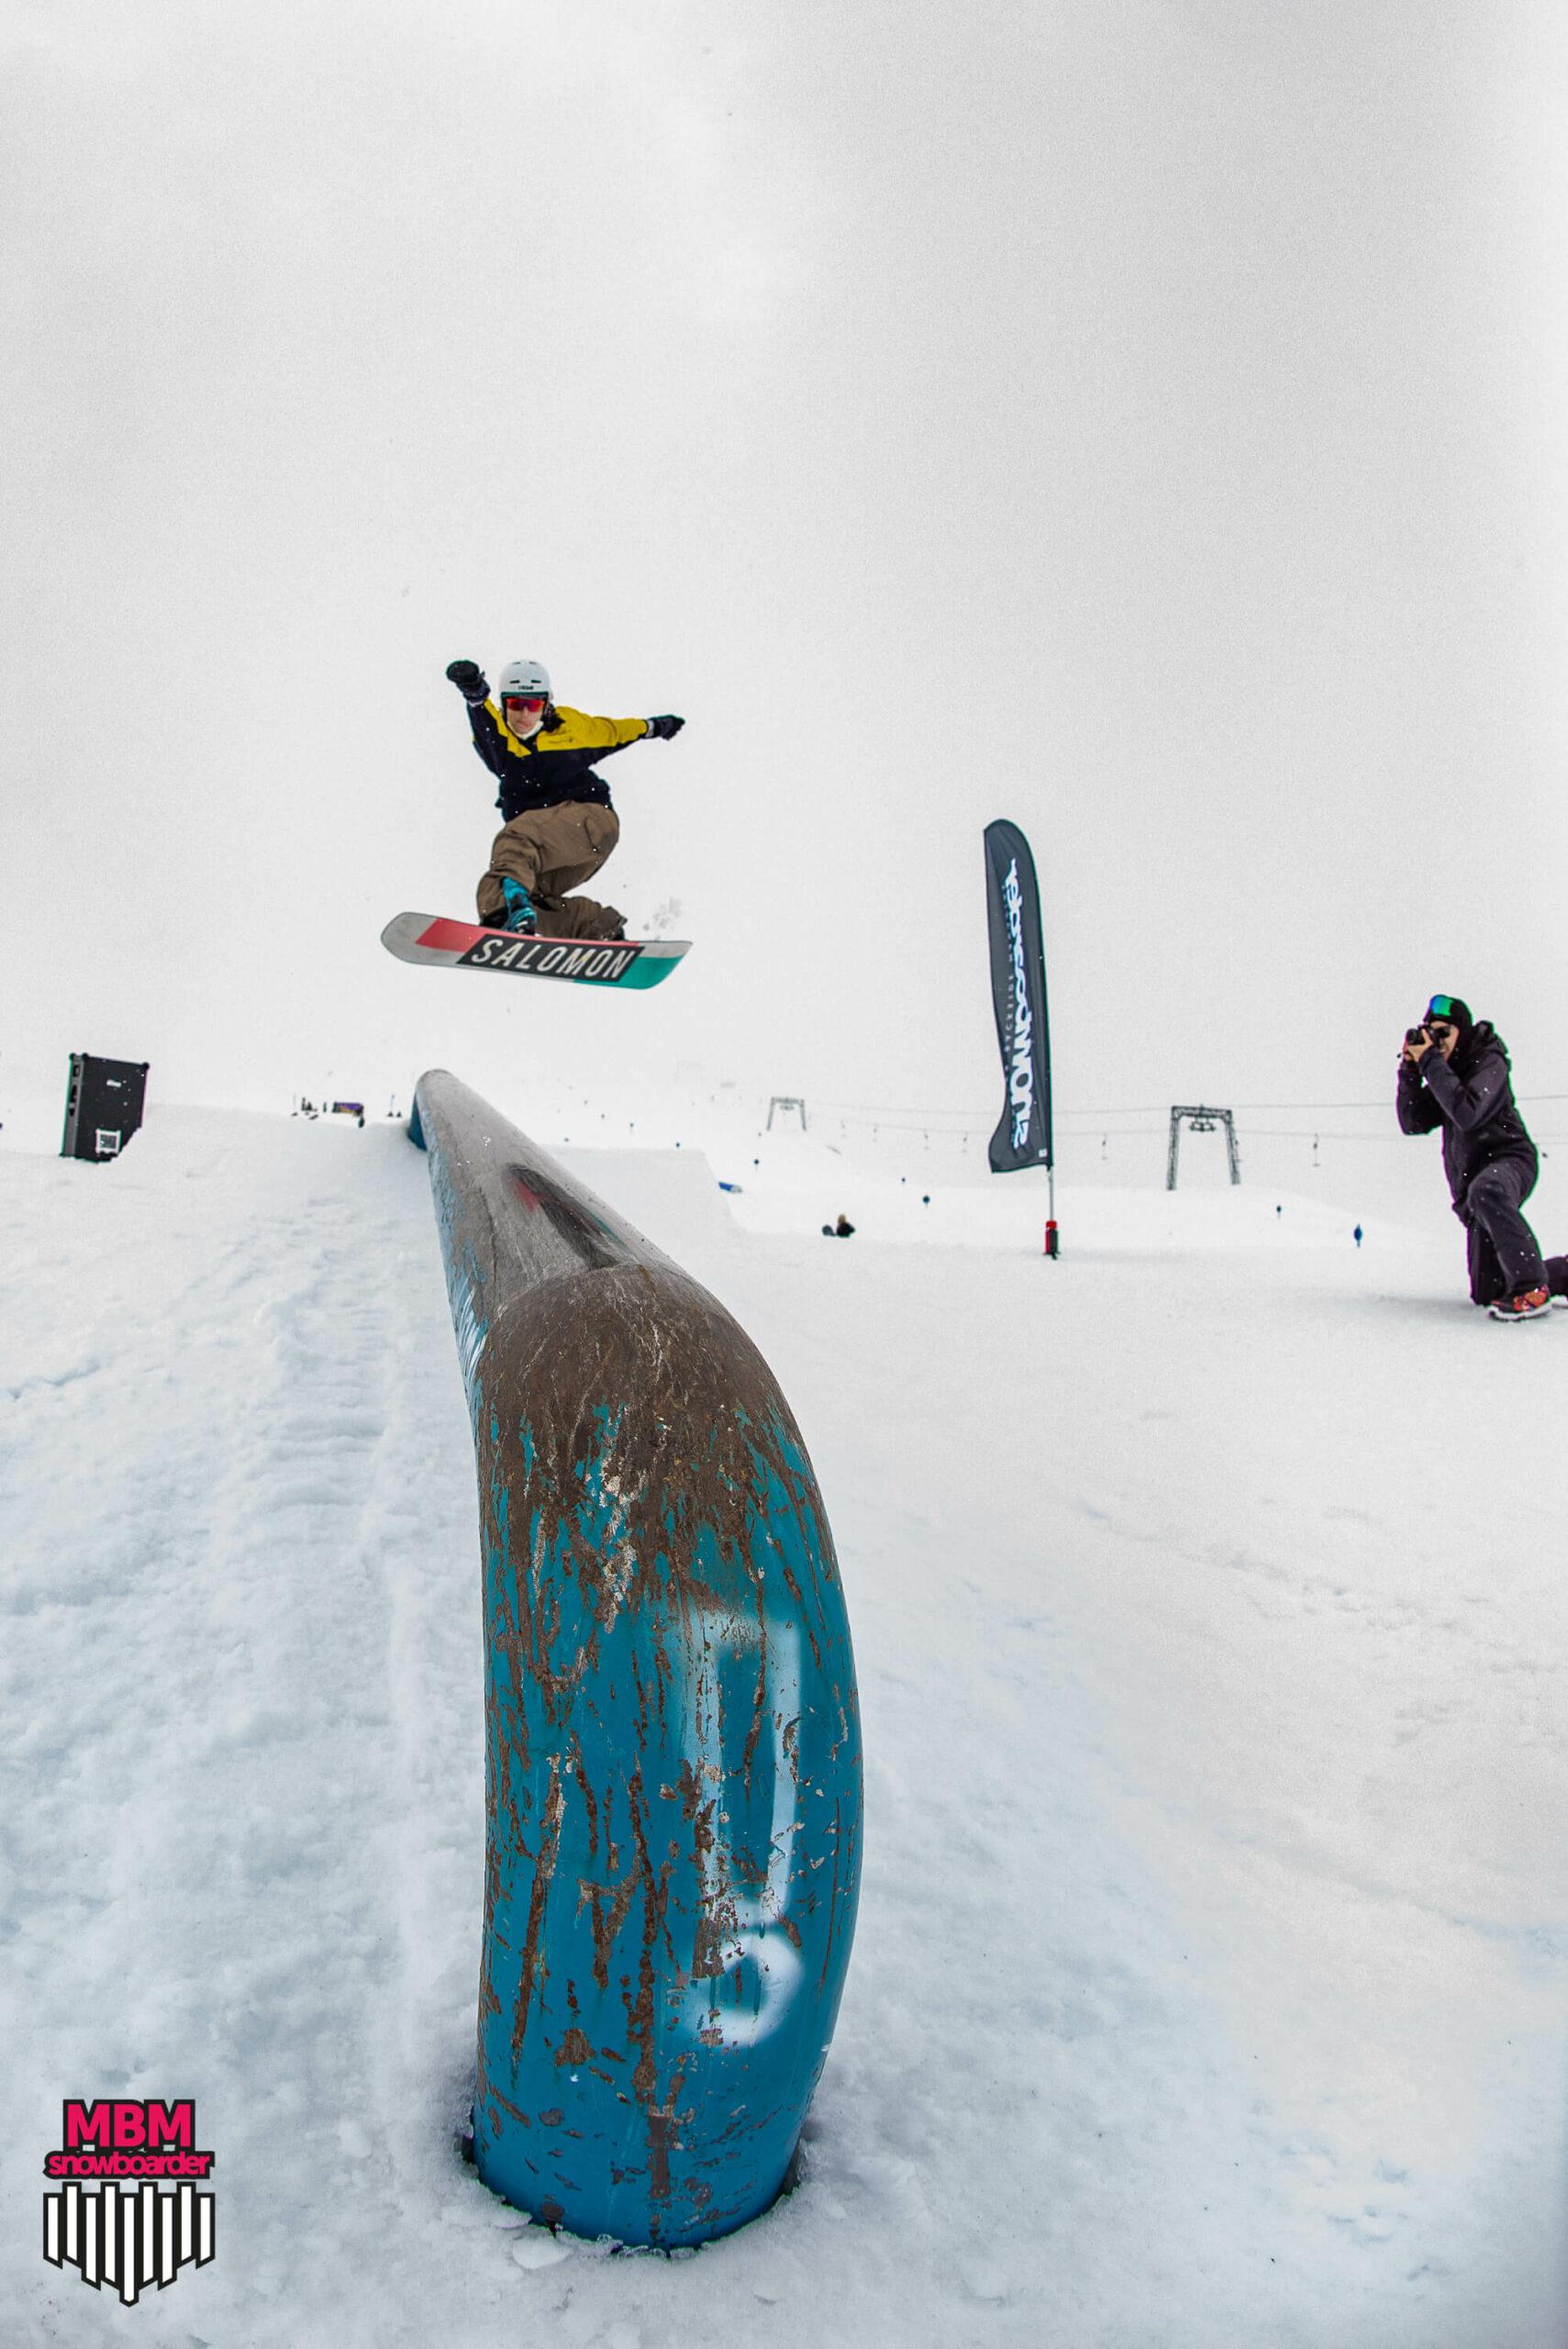 snowboarderMBM_sd_kaunertal_108